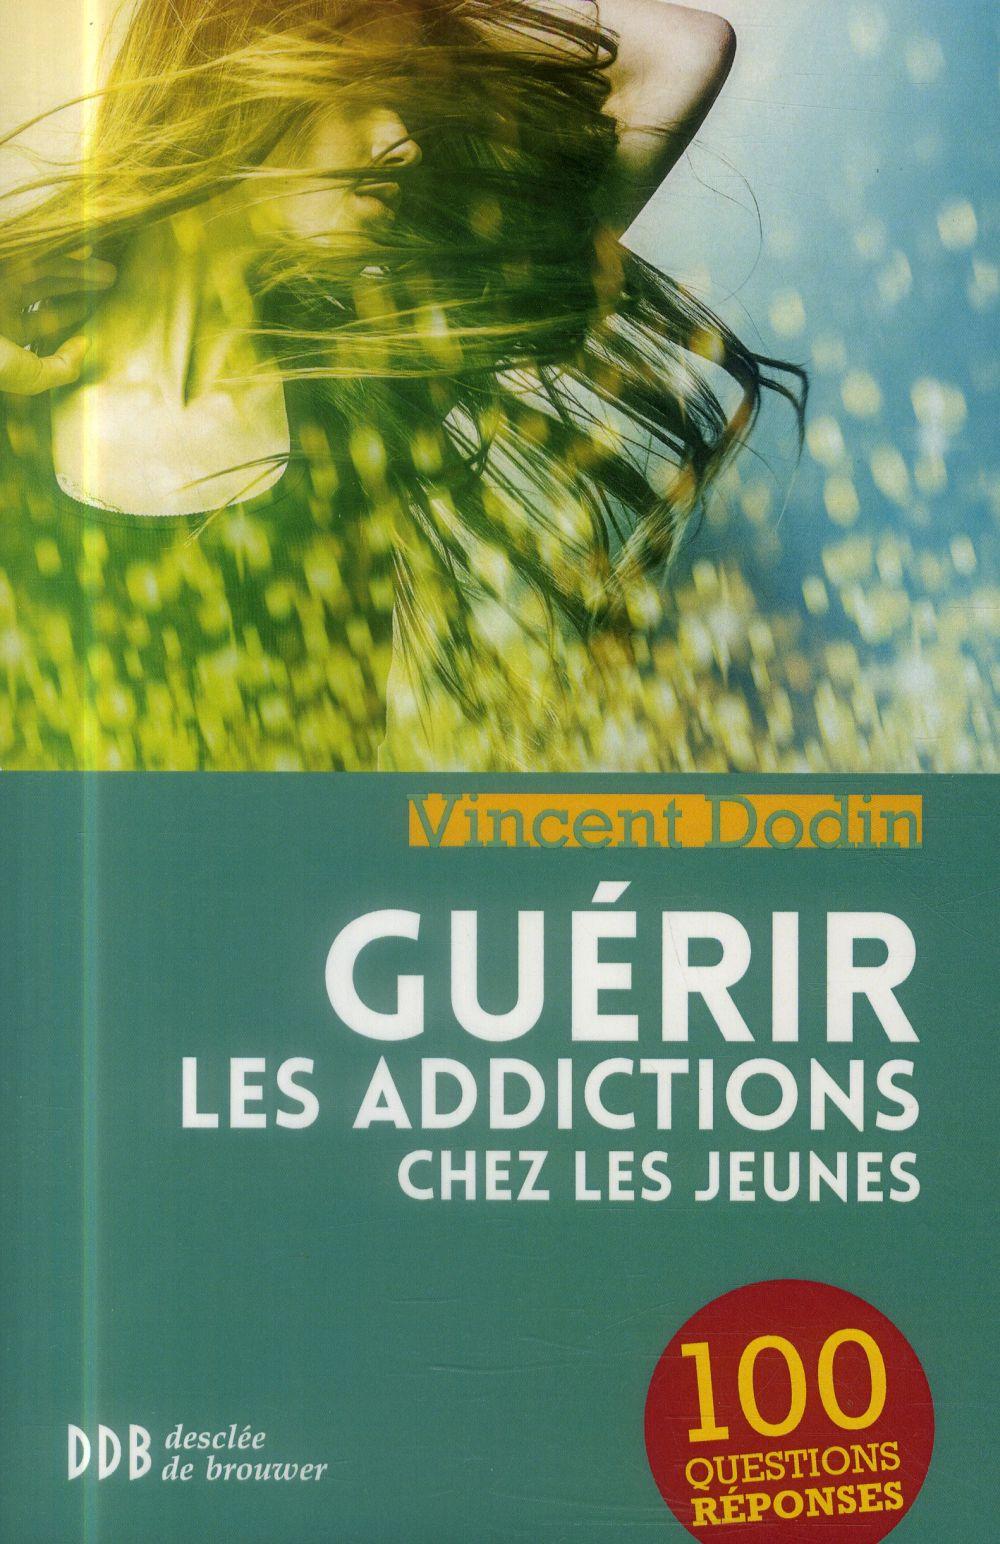 GUERIR LES ADDICTIONS CHEZ LES JEUNES  -  100 QUESTIONS-REPONSES